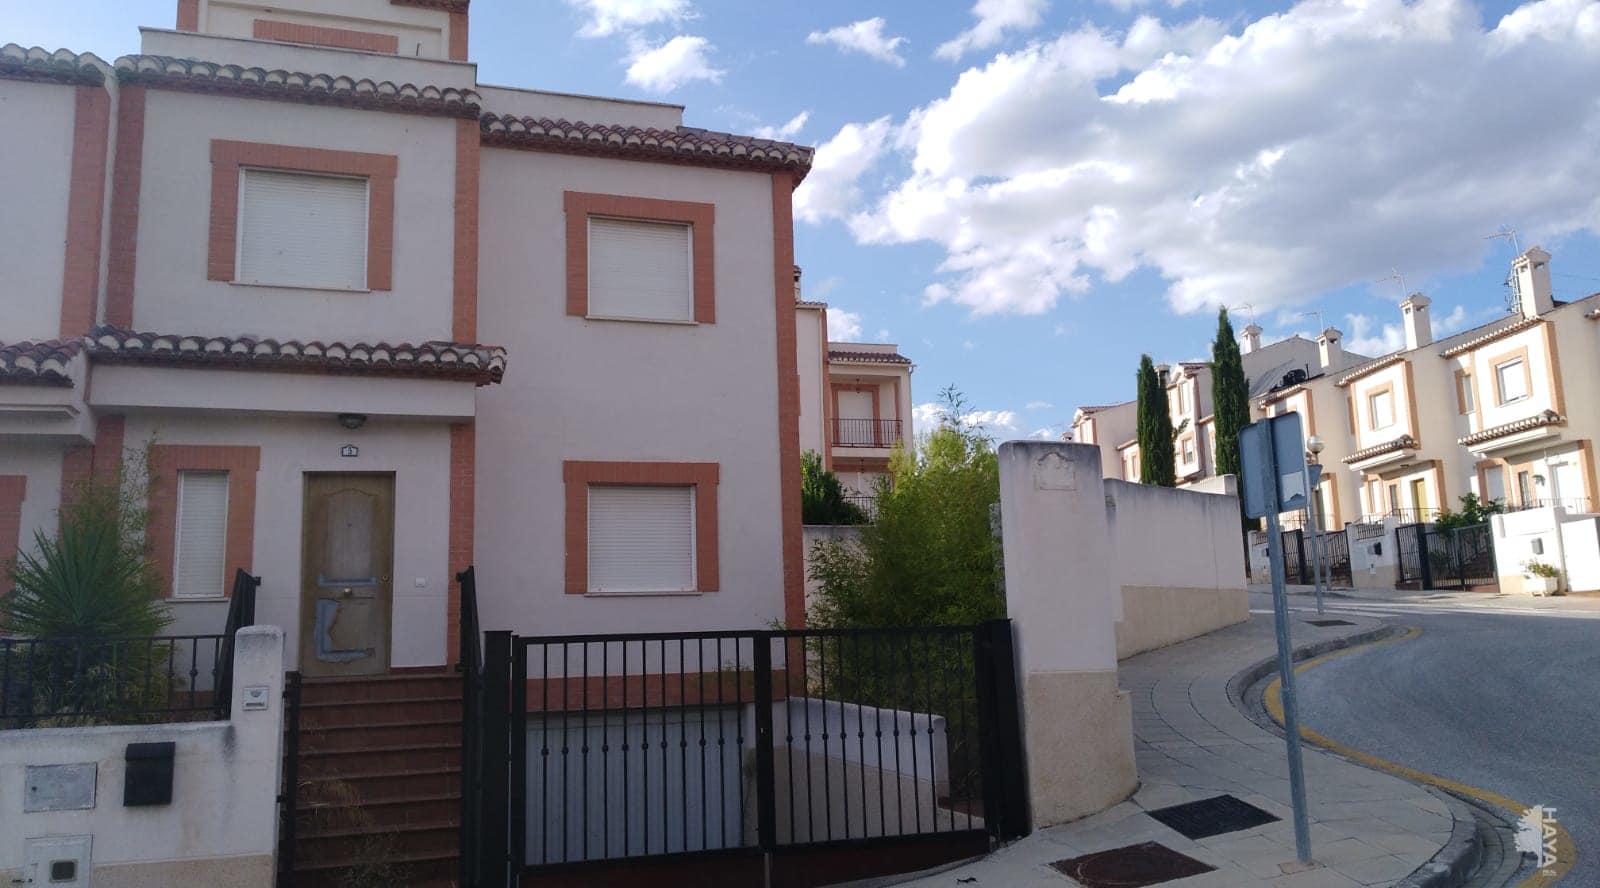 Casa en venta en Atarfe, Granada, Calle Francisco Ayala, 194.399 €, 4 habitaciones, 3 baños, 343 m2